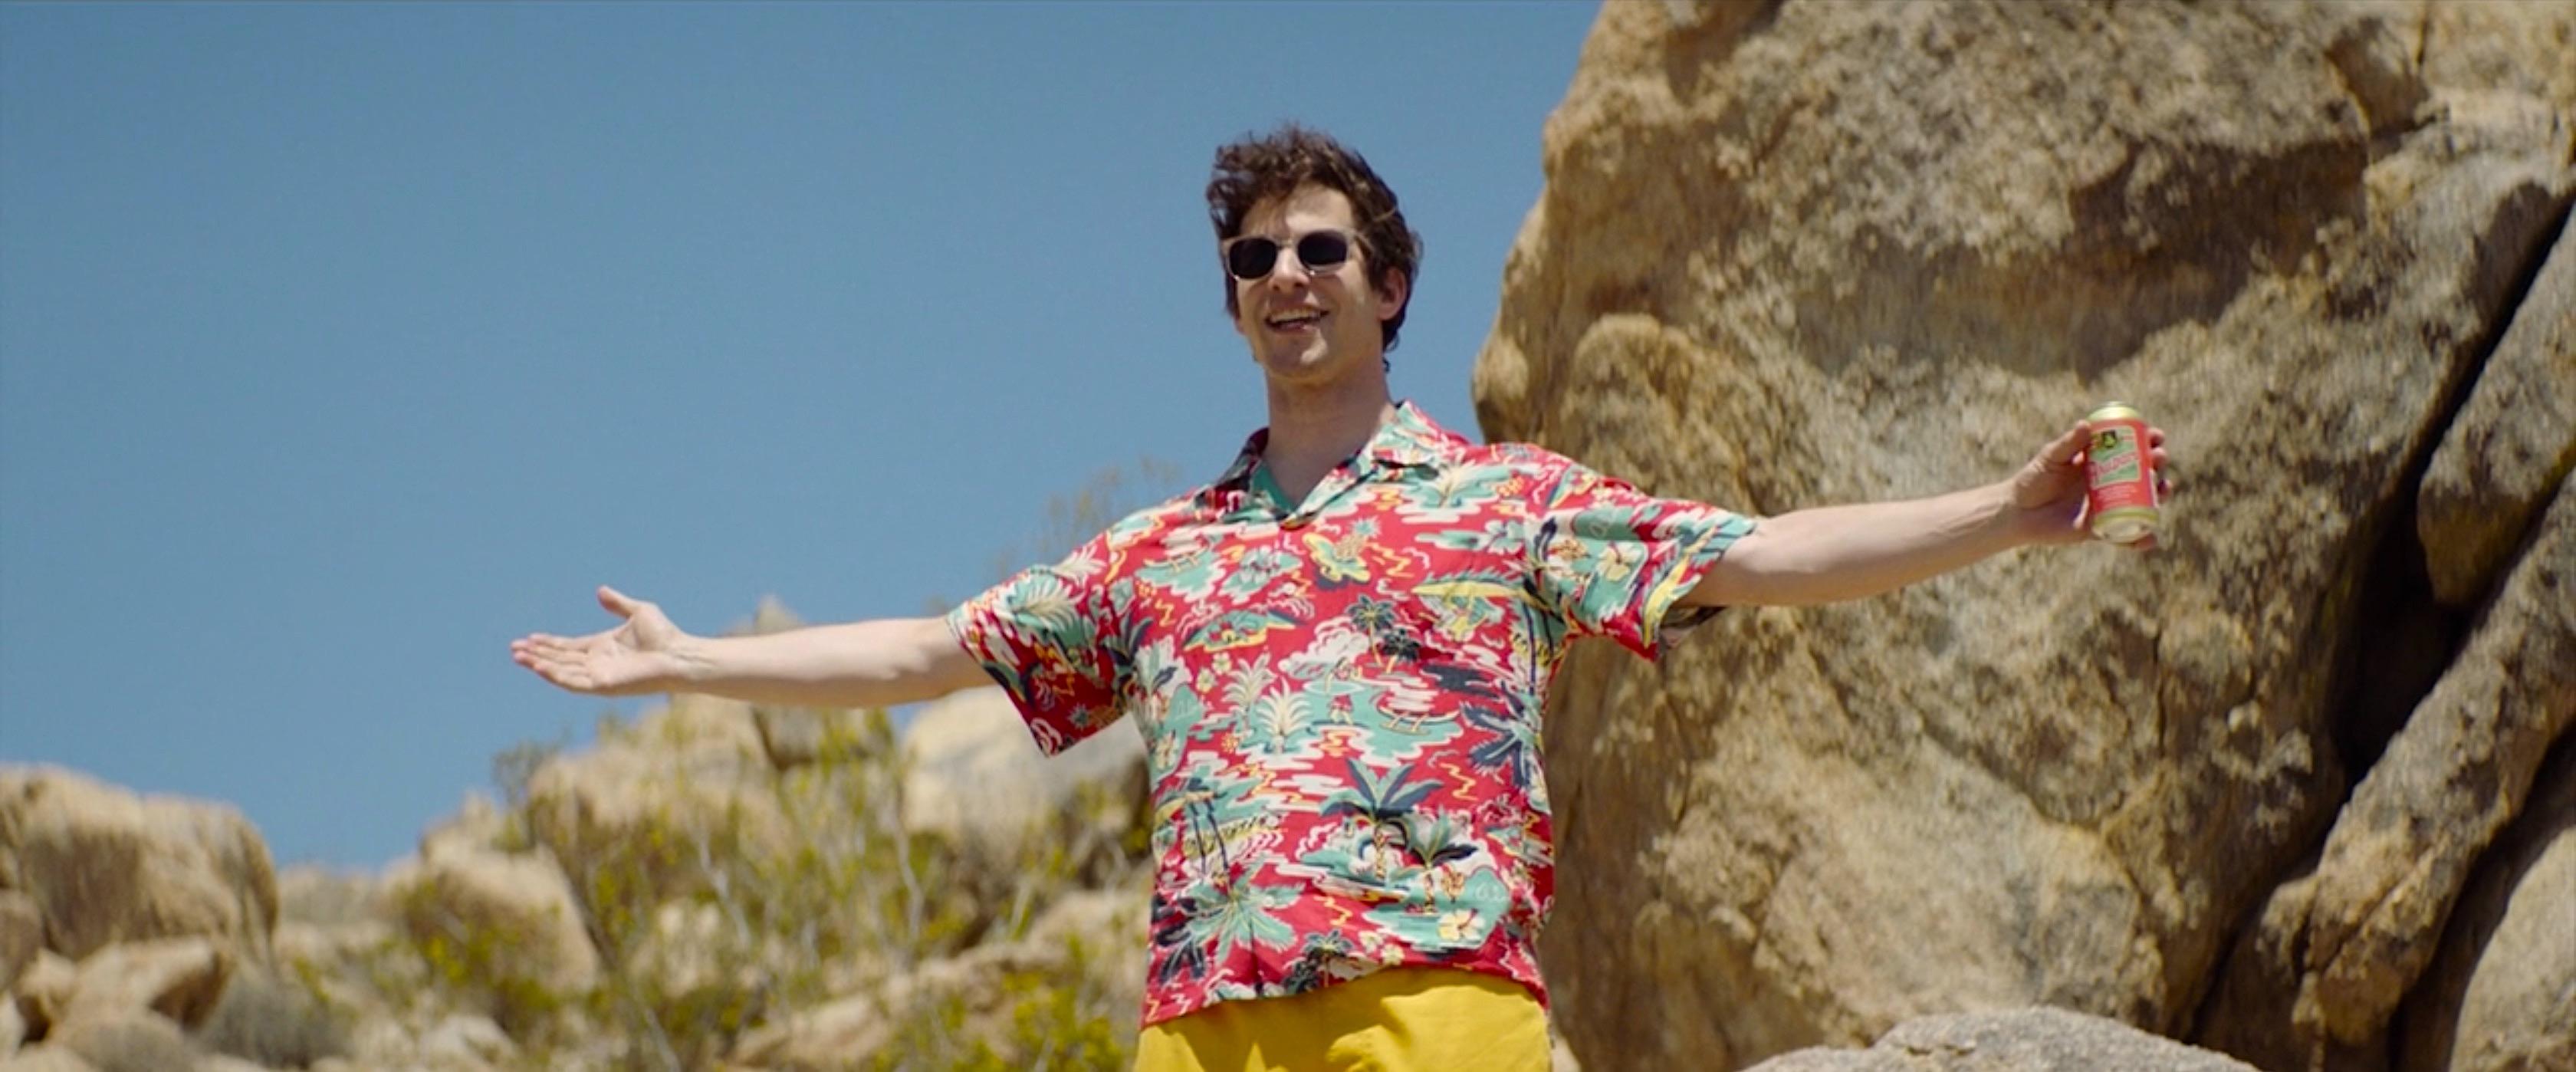 Palm Springs: Andy Samberg's All-Day Aloha Shirt » BAMF Style